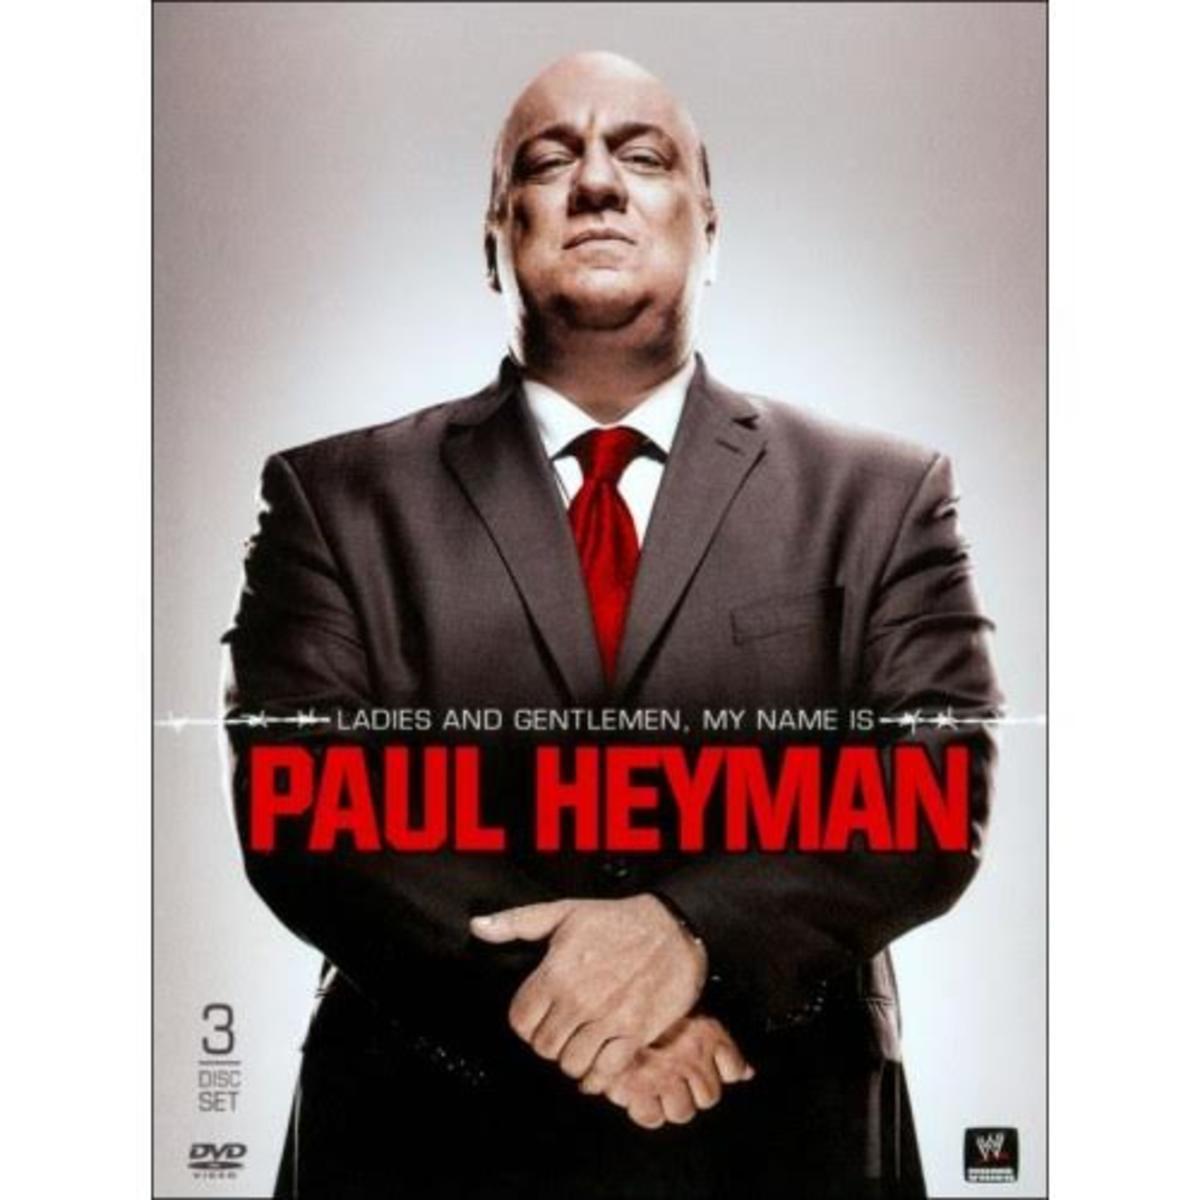 Paul Heyman DVD